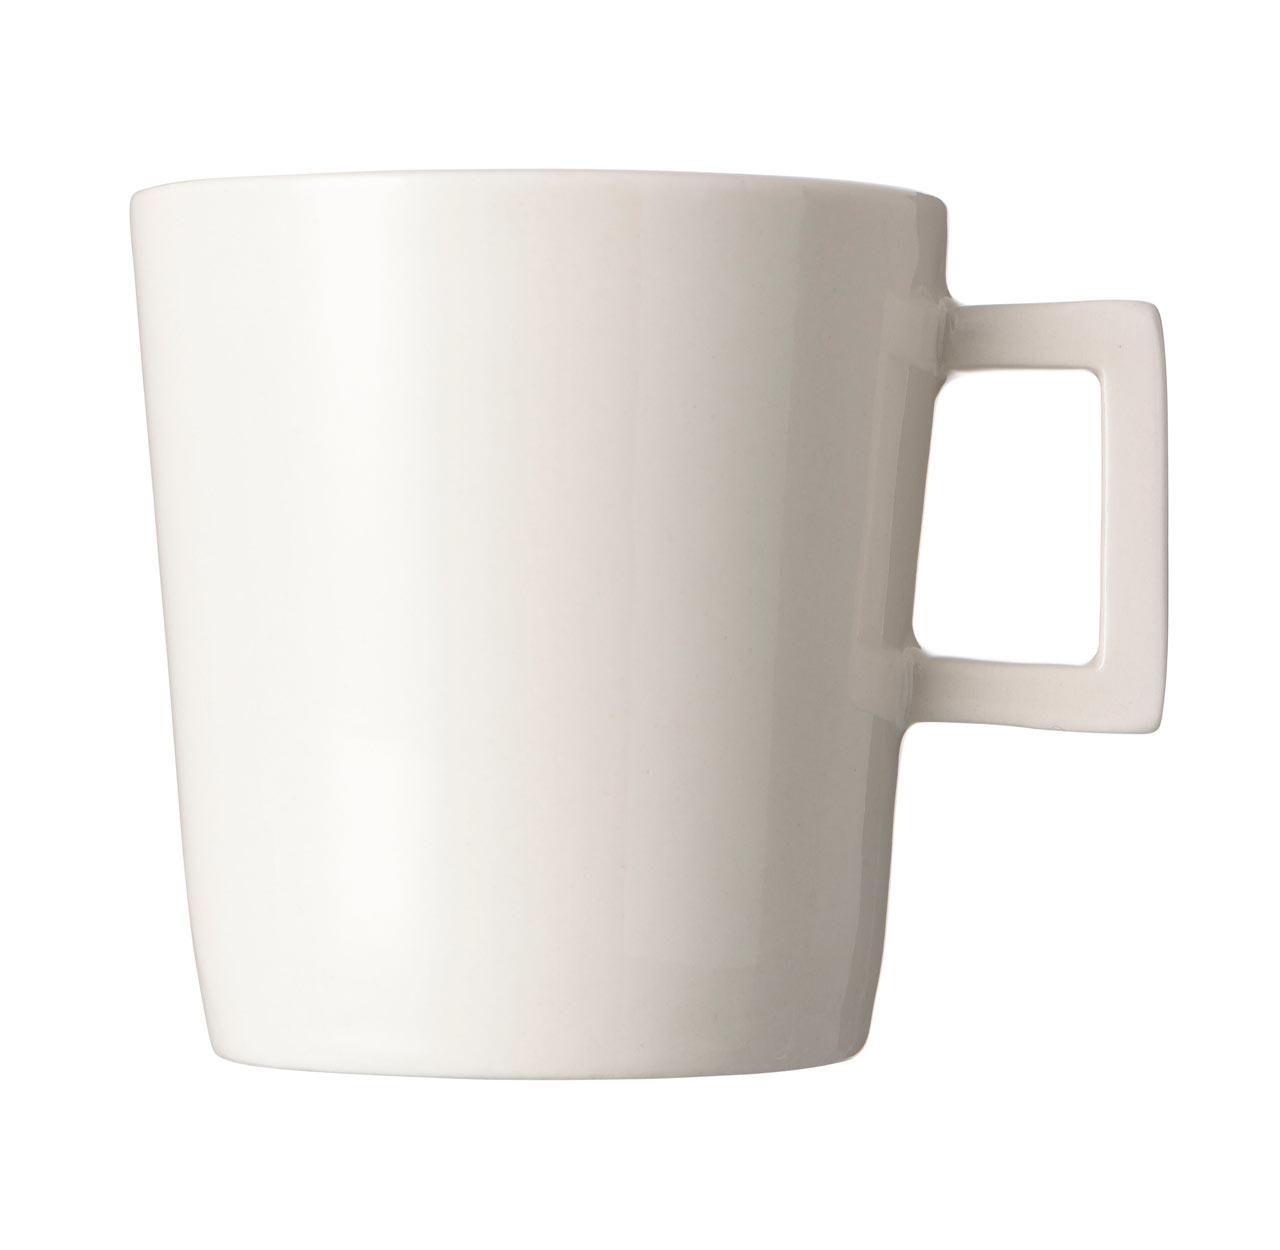 piet-hein-eek-fat-ceramics-mug